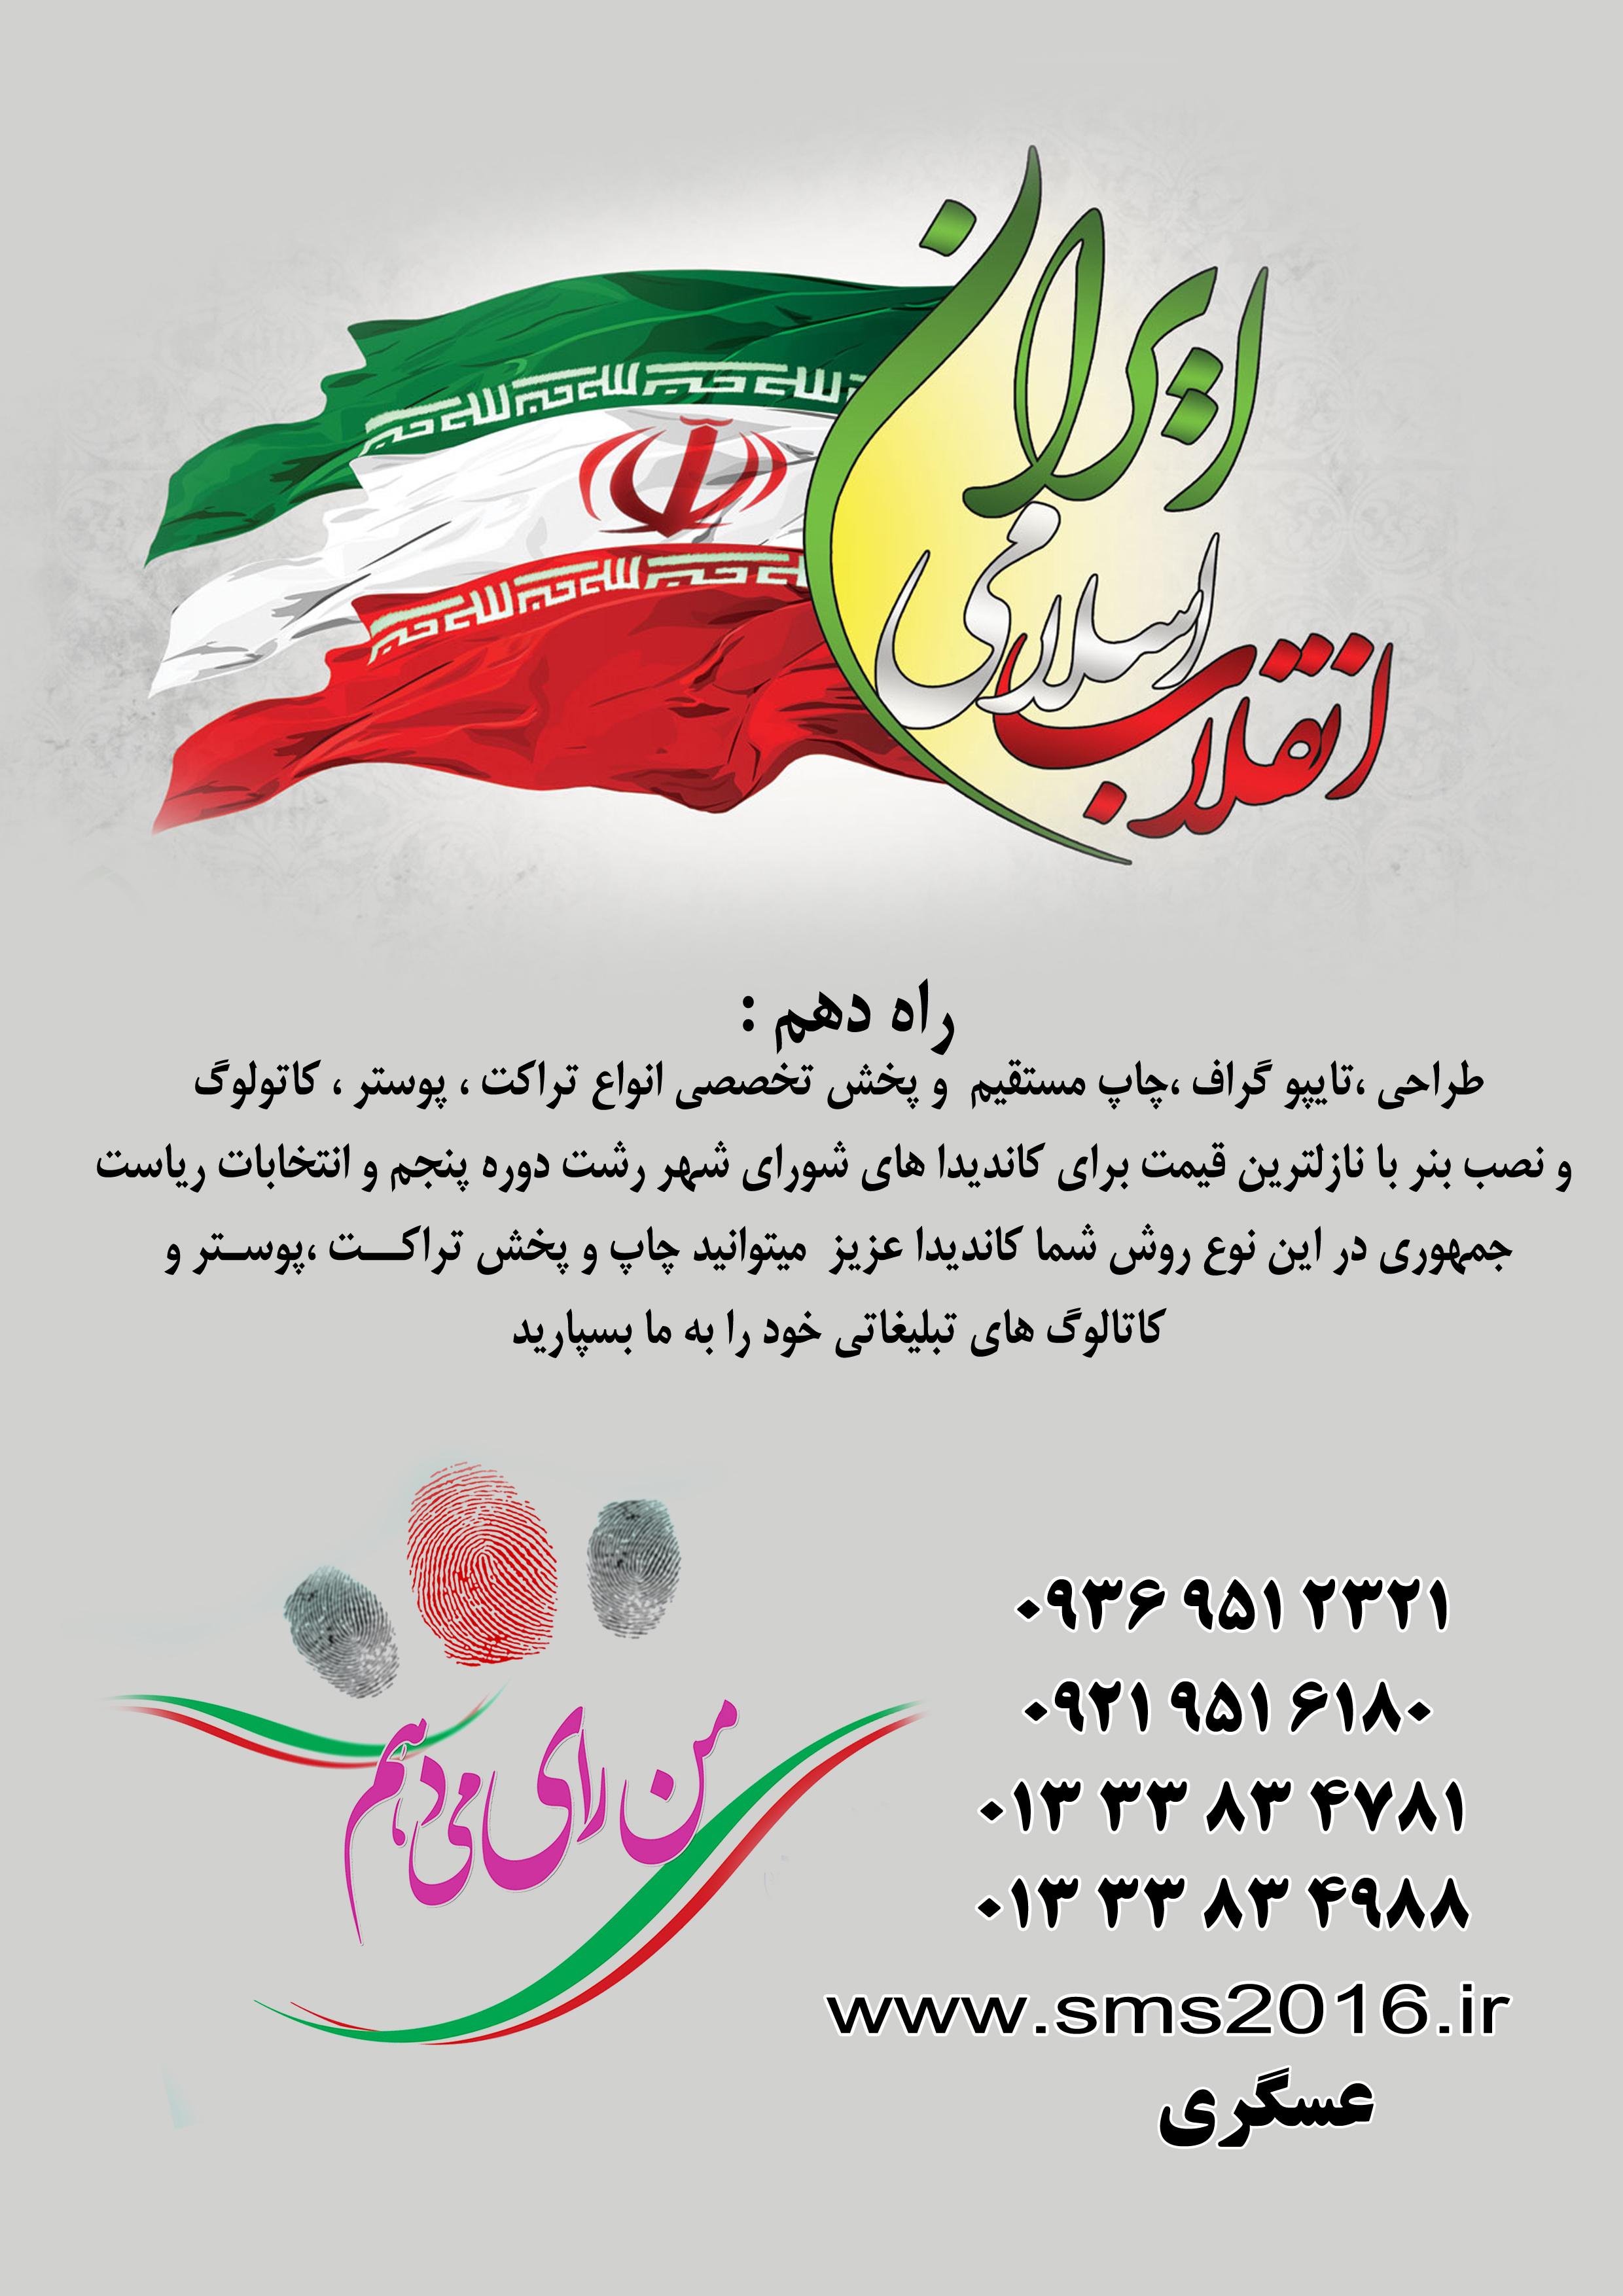 تبلیغات پنجمین دوره انتخابات شورای شهر رشت +و دوازدهمین انتخابات ریاست جمهوری